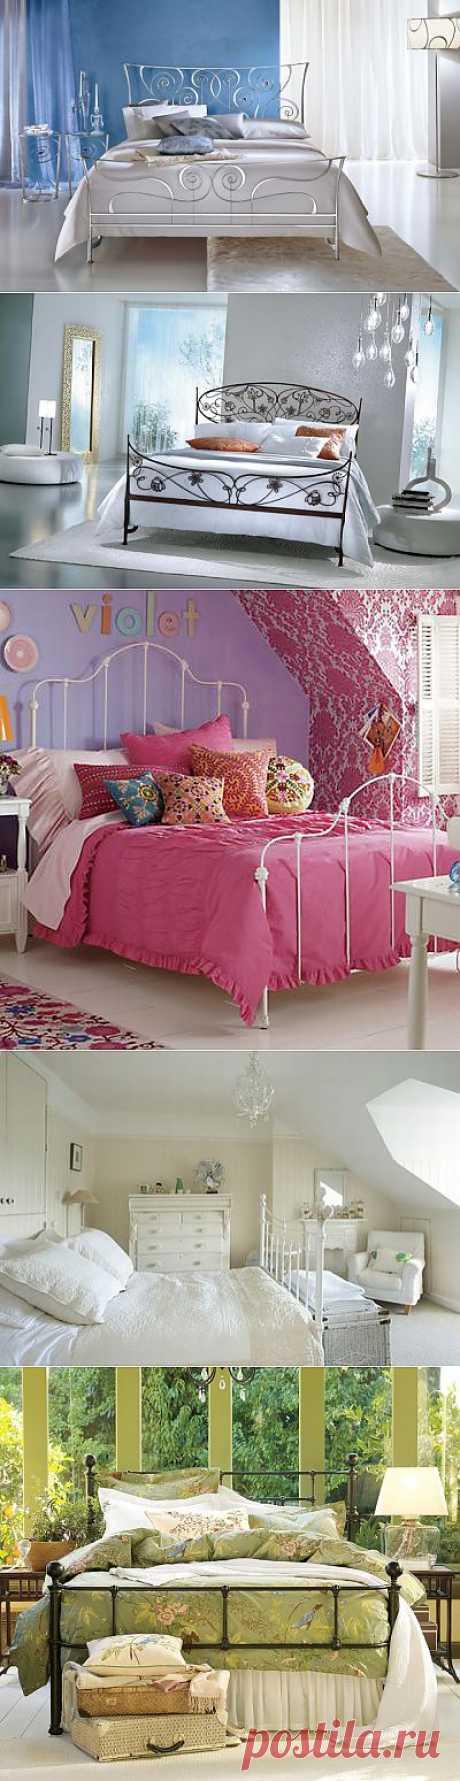 (+1) тема - Железные кровати - украшение любого интерьера | Интерьер и Дизайн